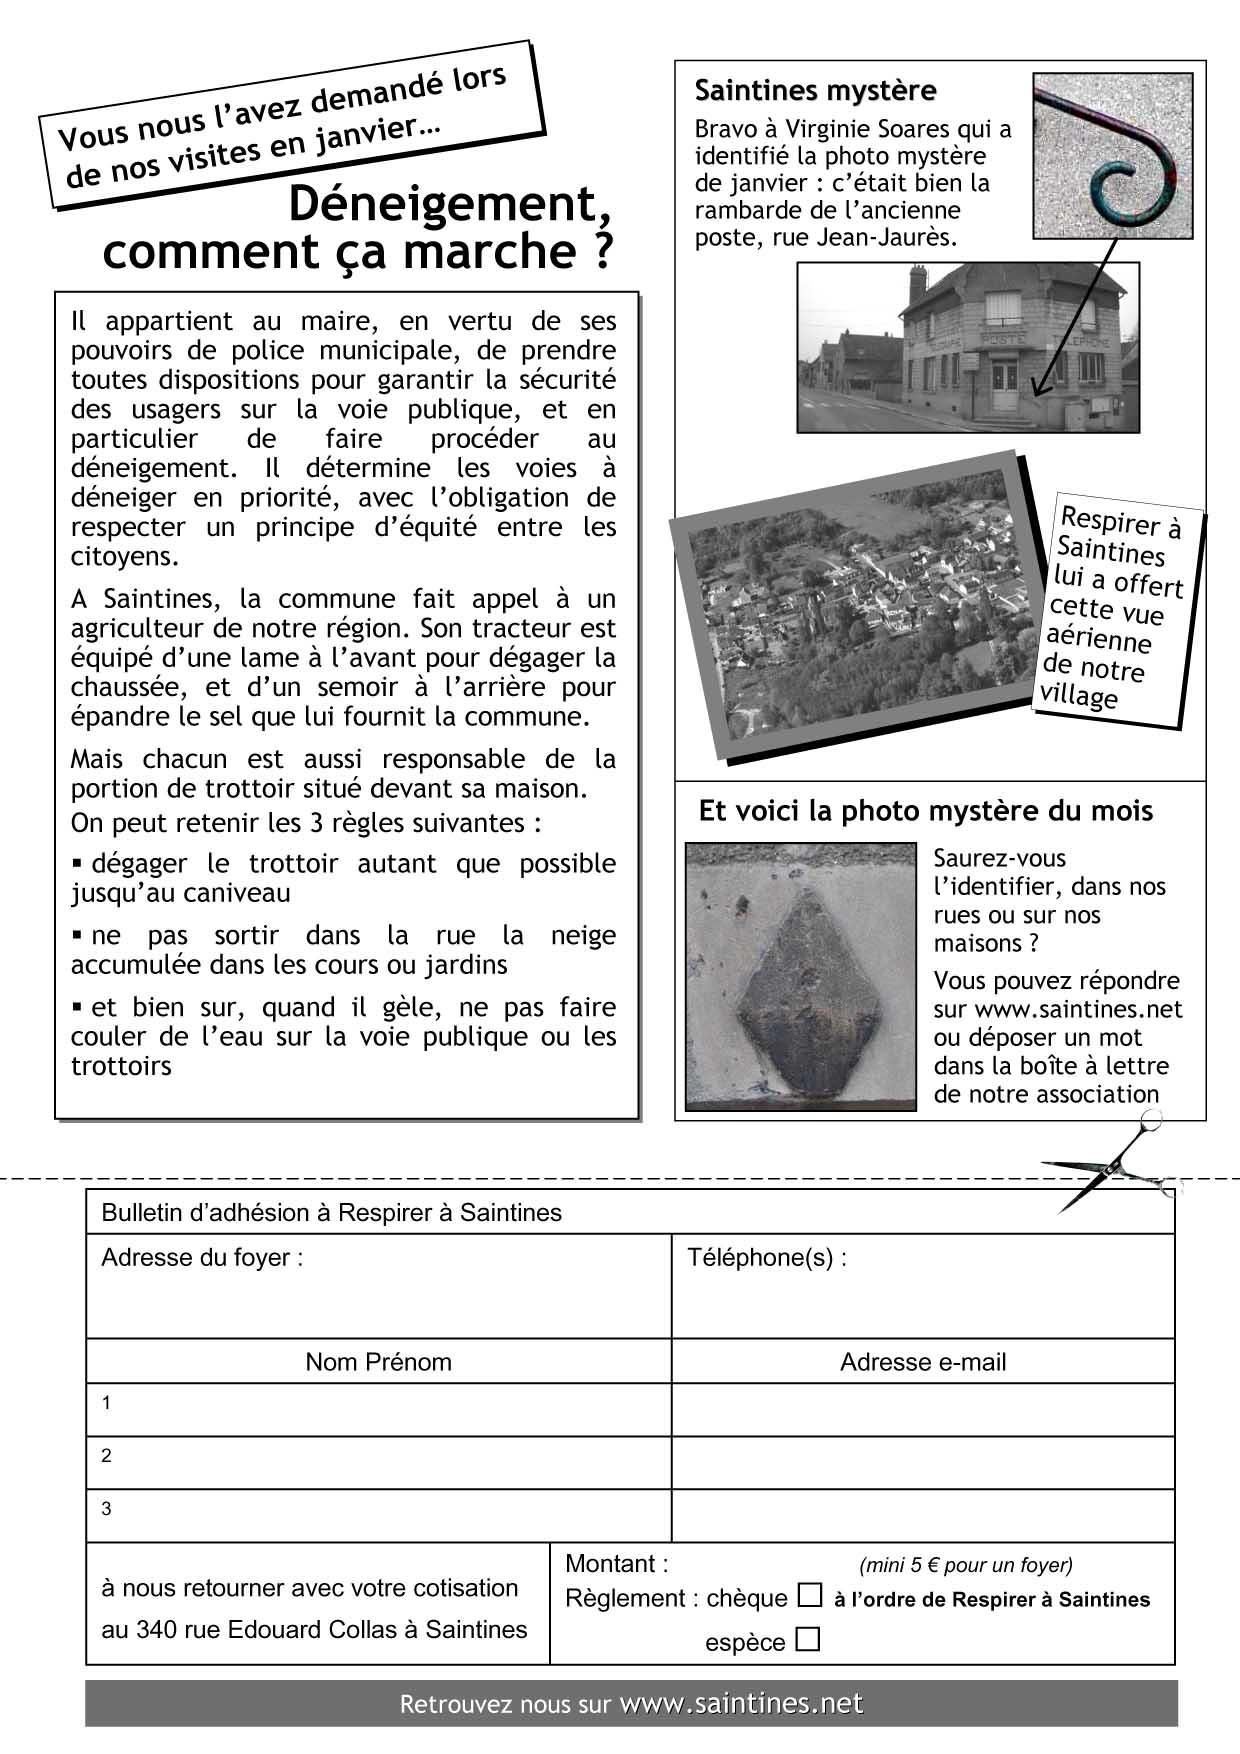 La Lettre de Mars 2013 page 2